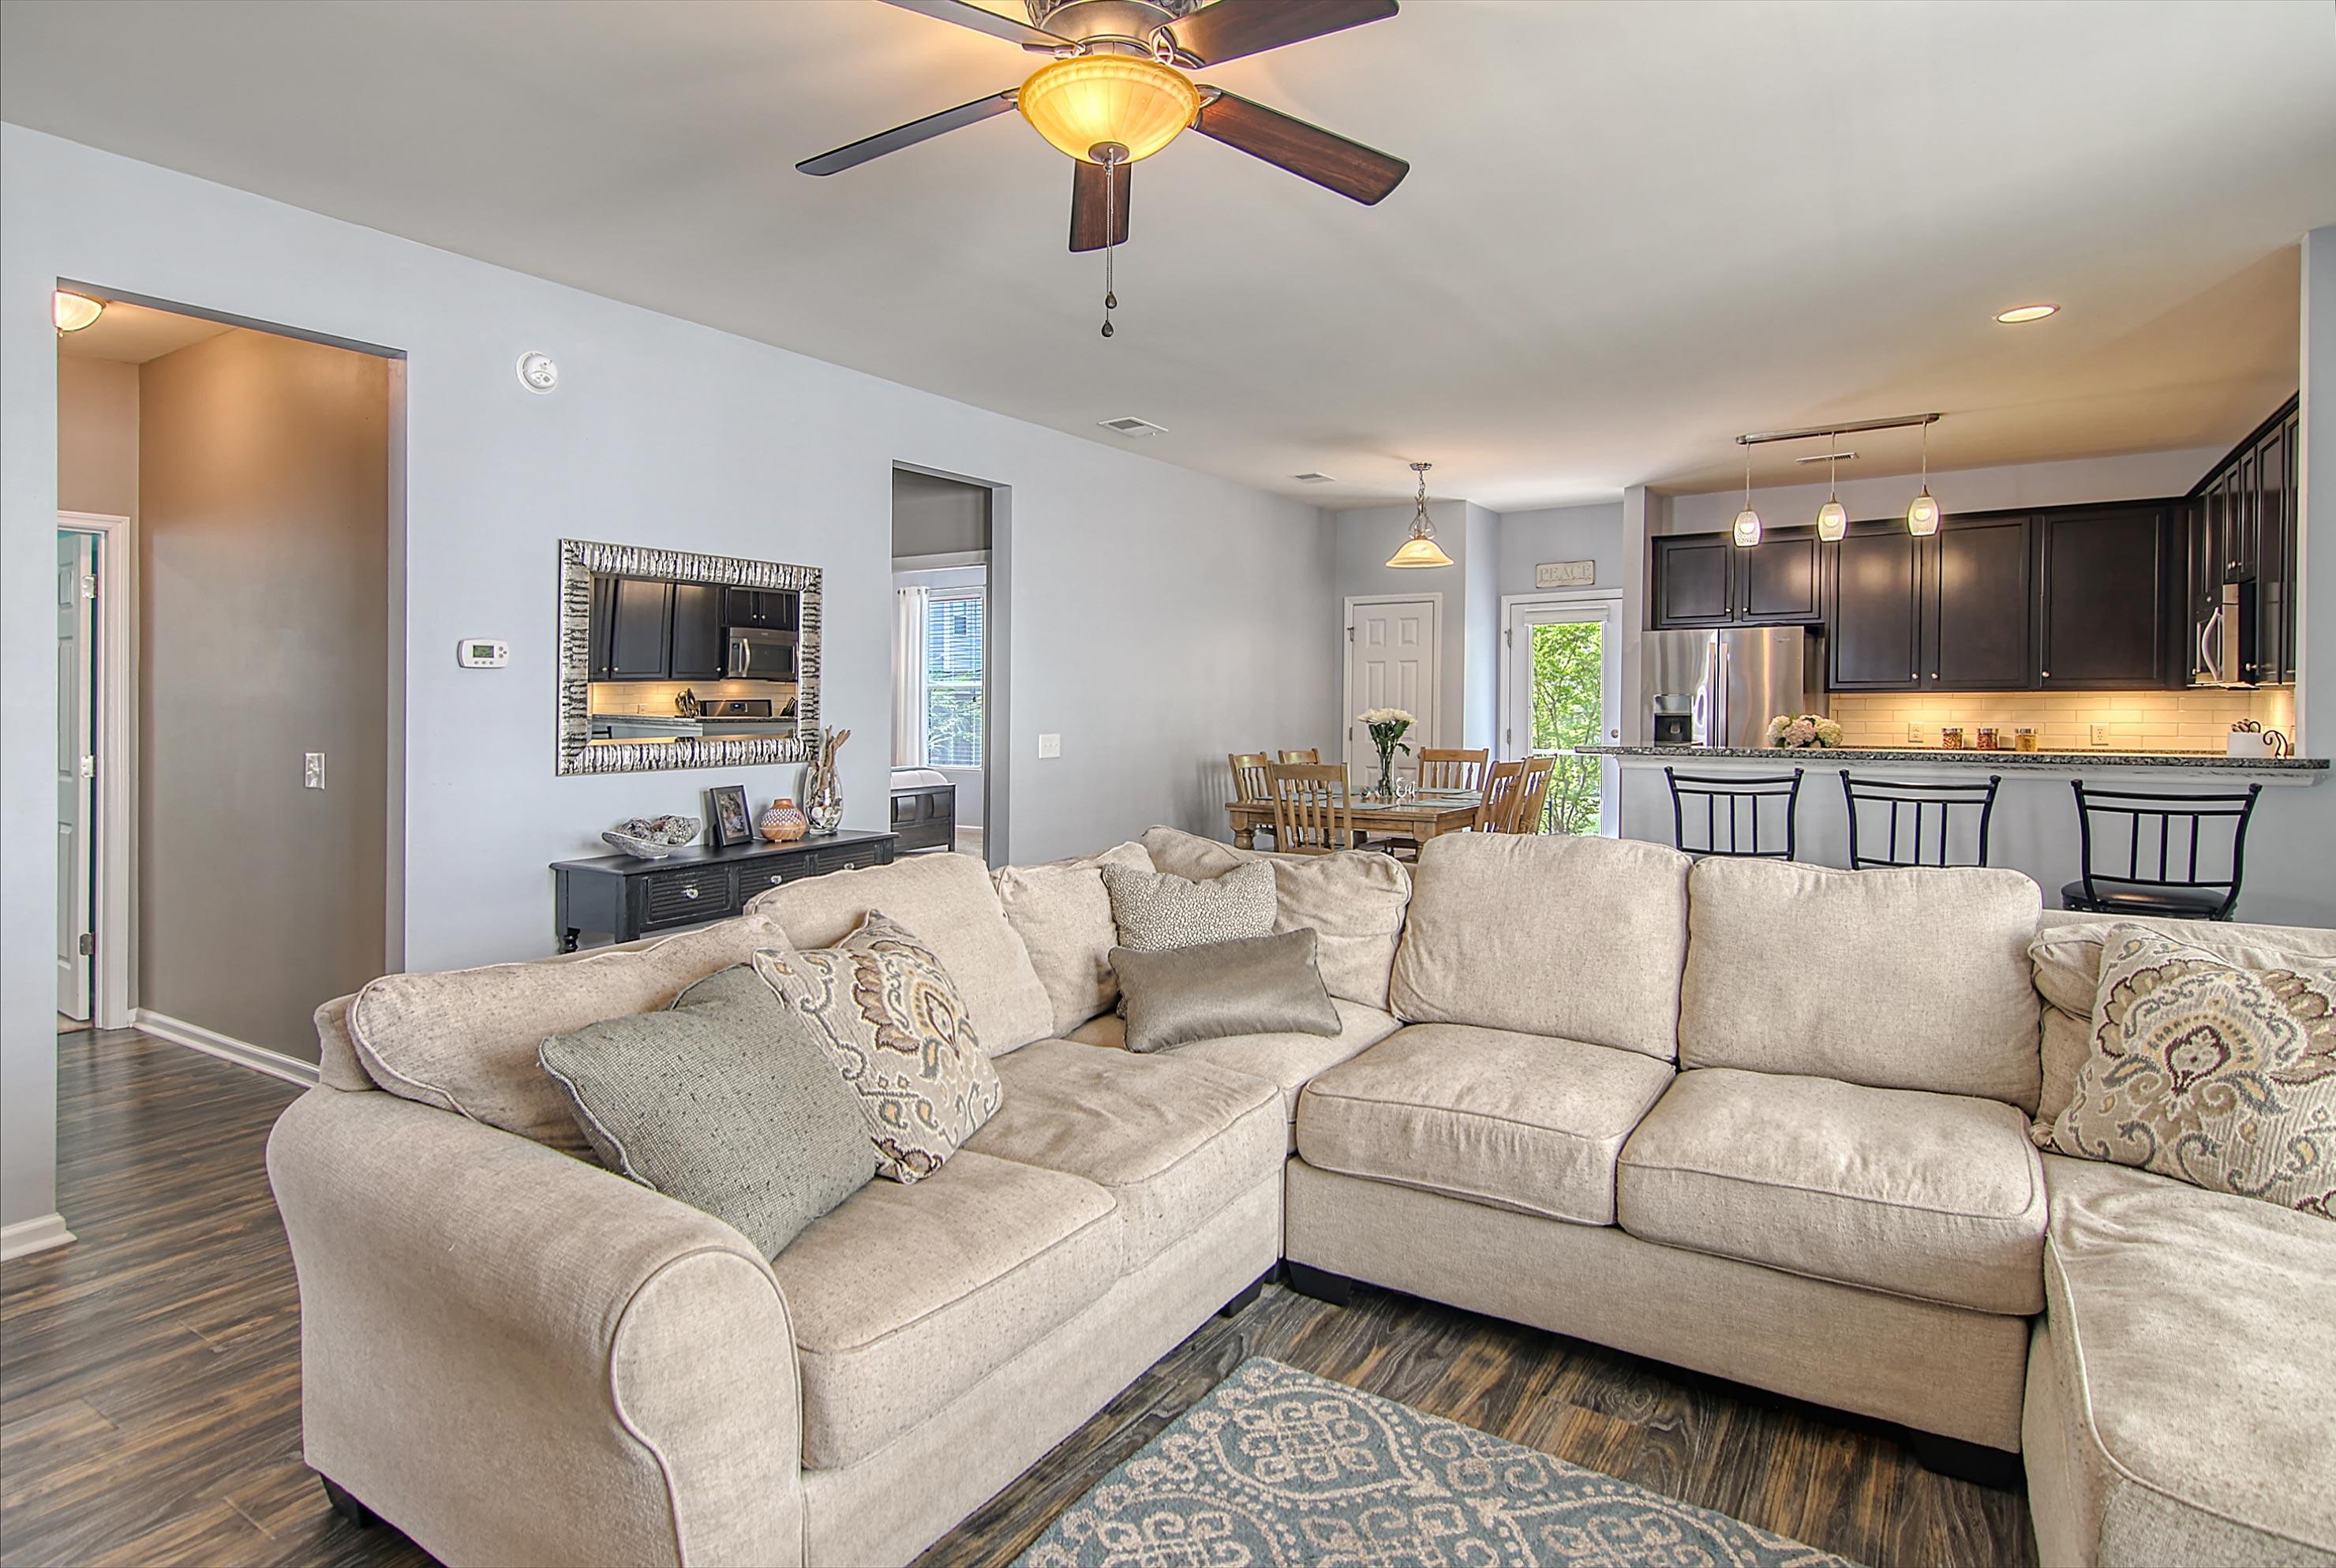 Lieben Park Homes For Sale - 3598 Franklin Tower, Mount Pleasant, SC - 14